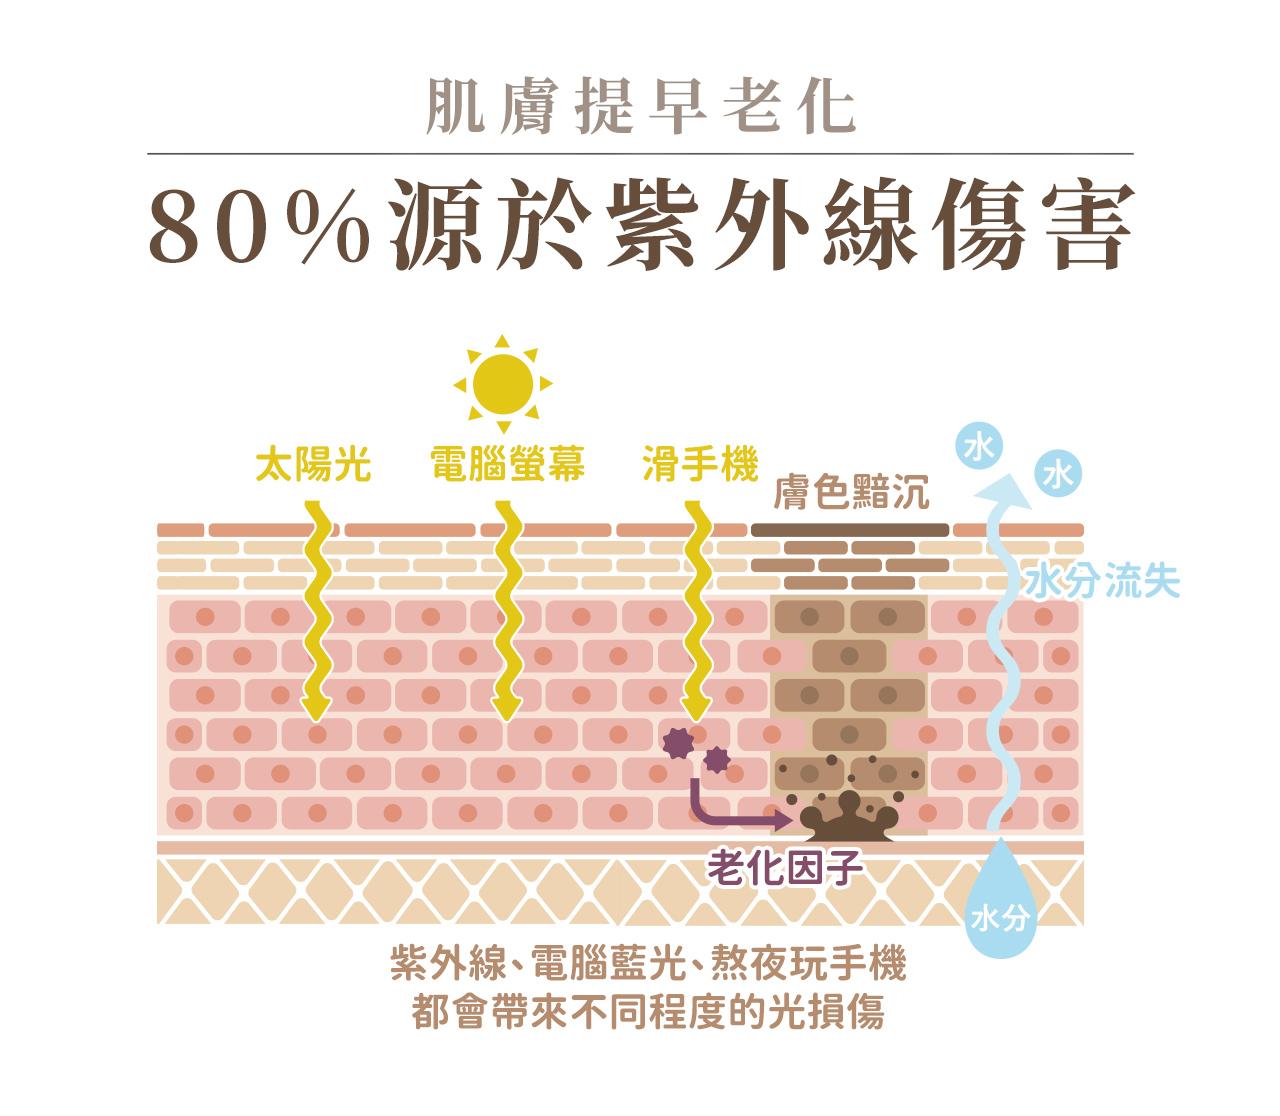 小花防曬能夠對抗紫外線造成的老化及曬黑的風險,保護肌膚不被曬傷曬紅